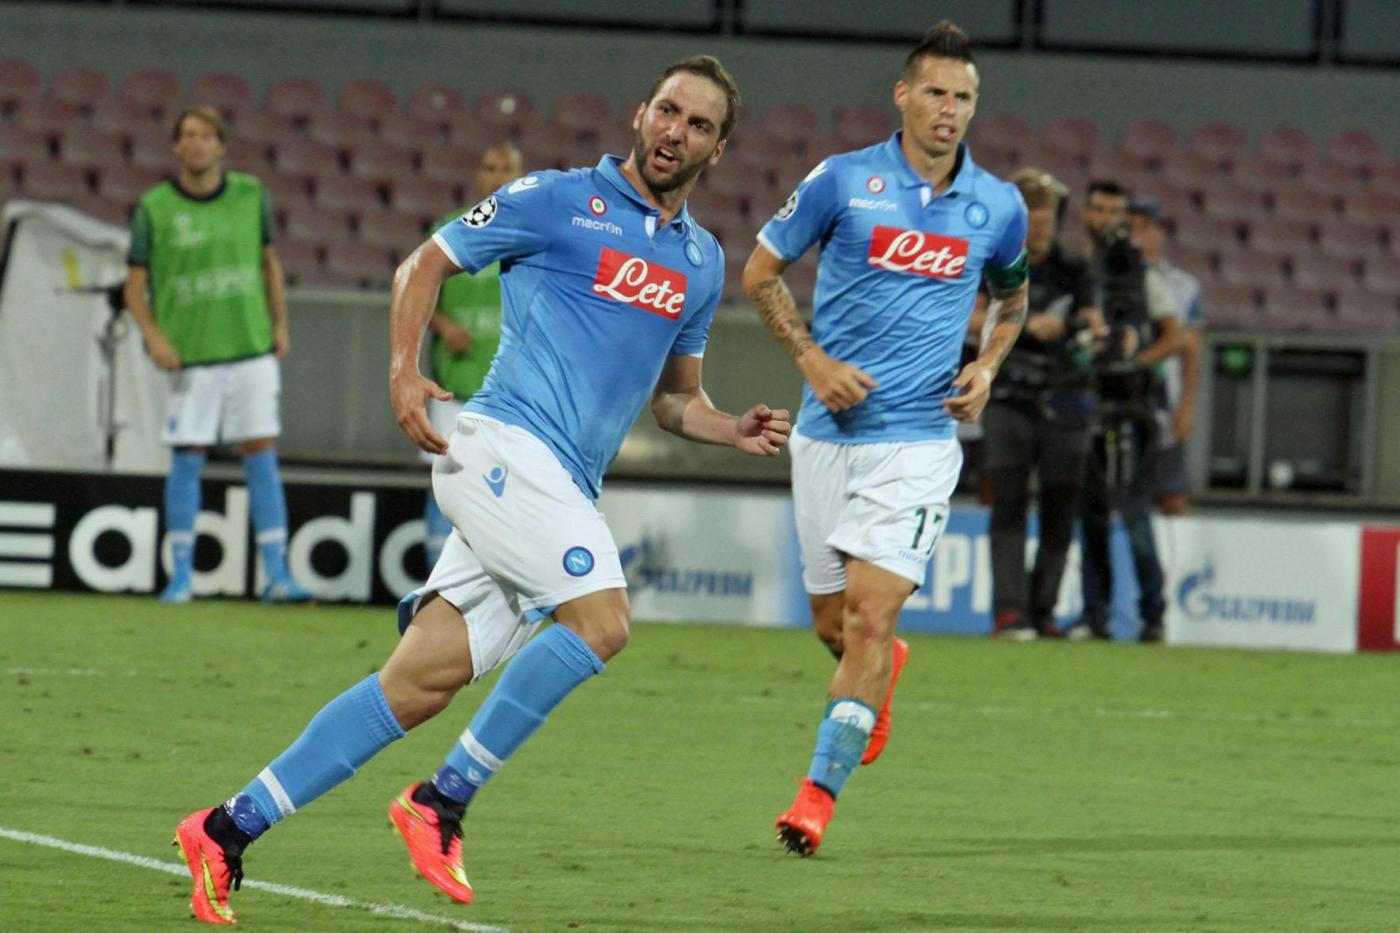 Napoli vs Atletic Bilbao 1-1: Higuain tiene vive le speranze